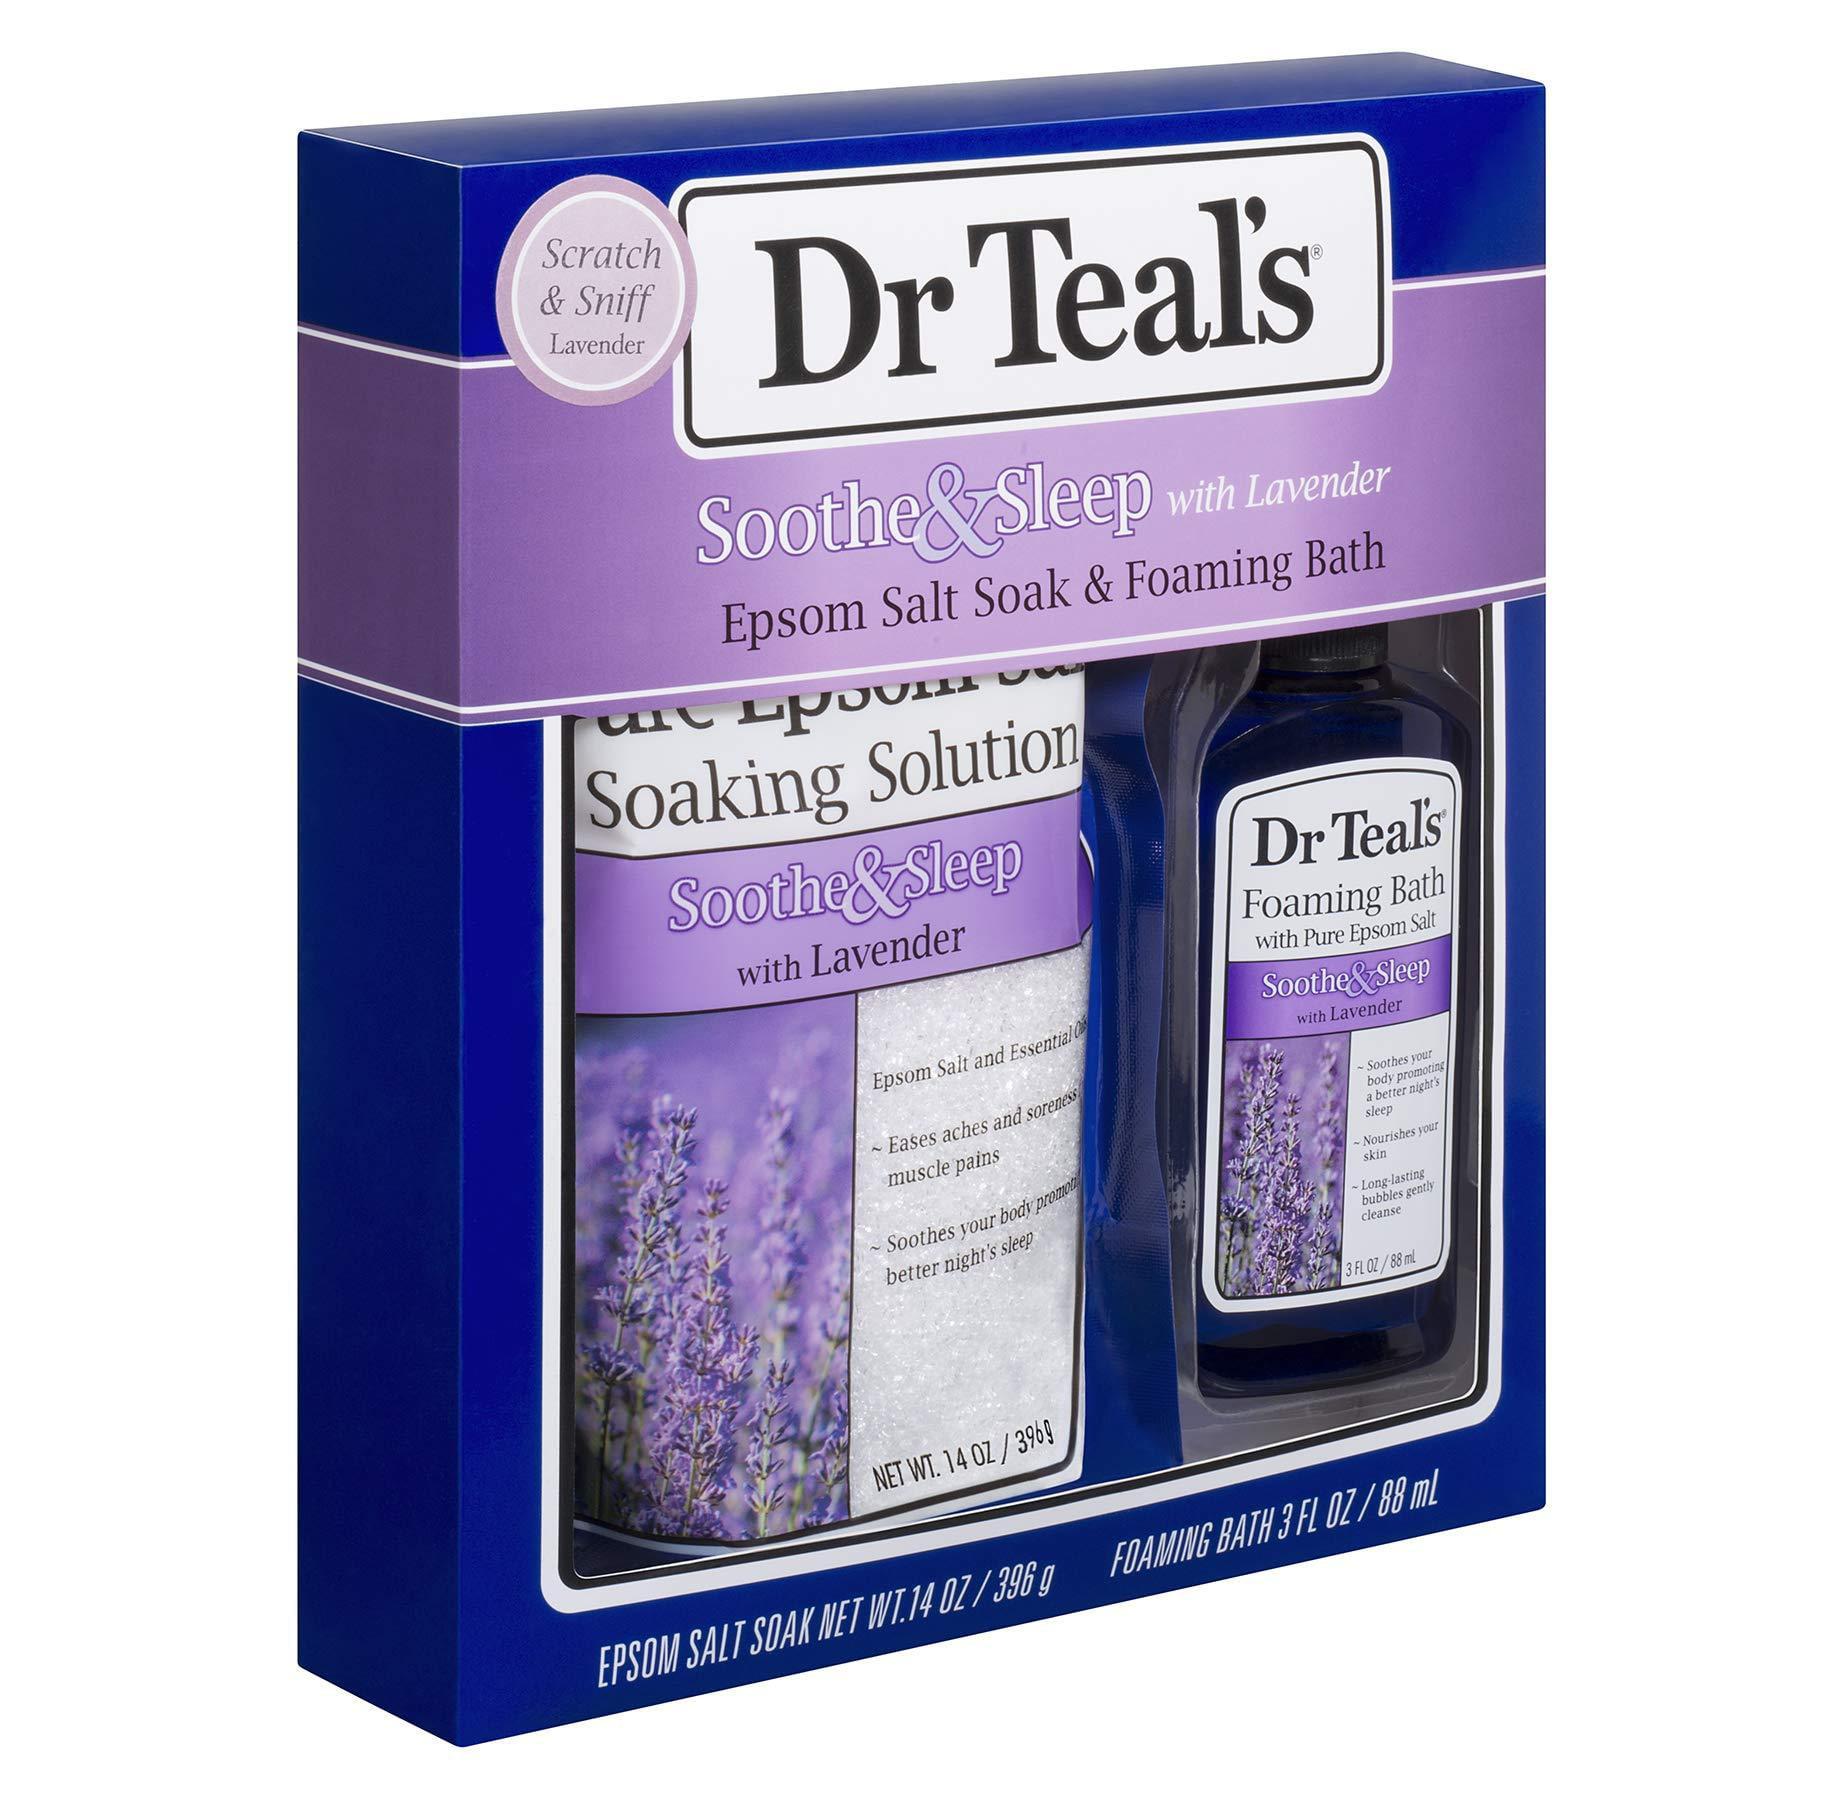 Dr Teal S Lavender Epsom Salt Foaming Bath Oil Sampler Gift Set 2019 Give The Gift Of Relaxation Peaceful Slumber 14 Oz Bag Of Lavender Bath Salts 3 Oz Bottle Of Lavender Foaming Bath Oil Walmart Com Walmart Com